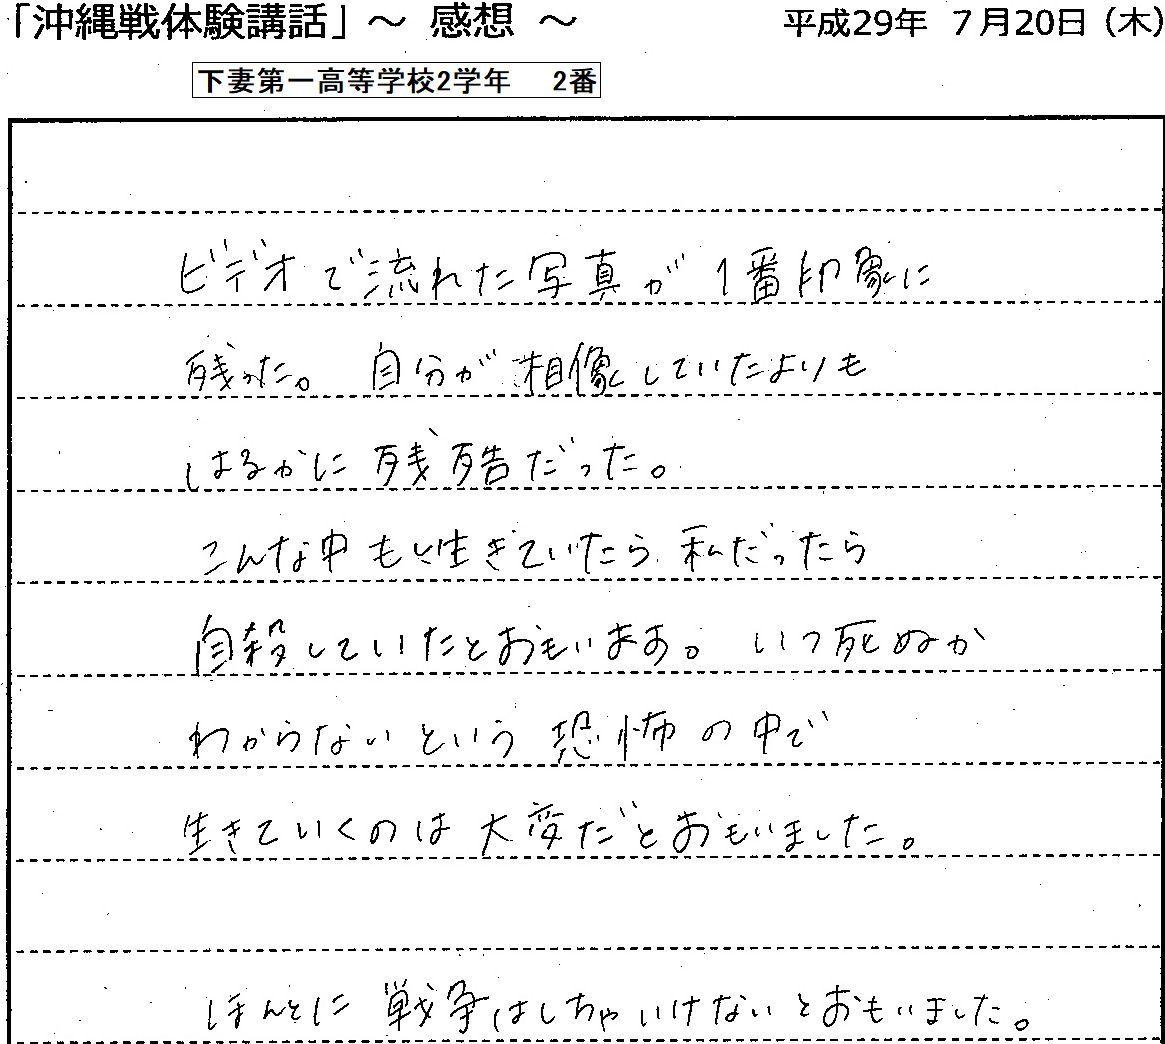 2017年9月30日茨城県立下妻第一高等学校「戦場体験談」講話感想文  その13_d0249595_16242153.jpg